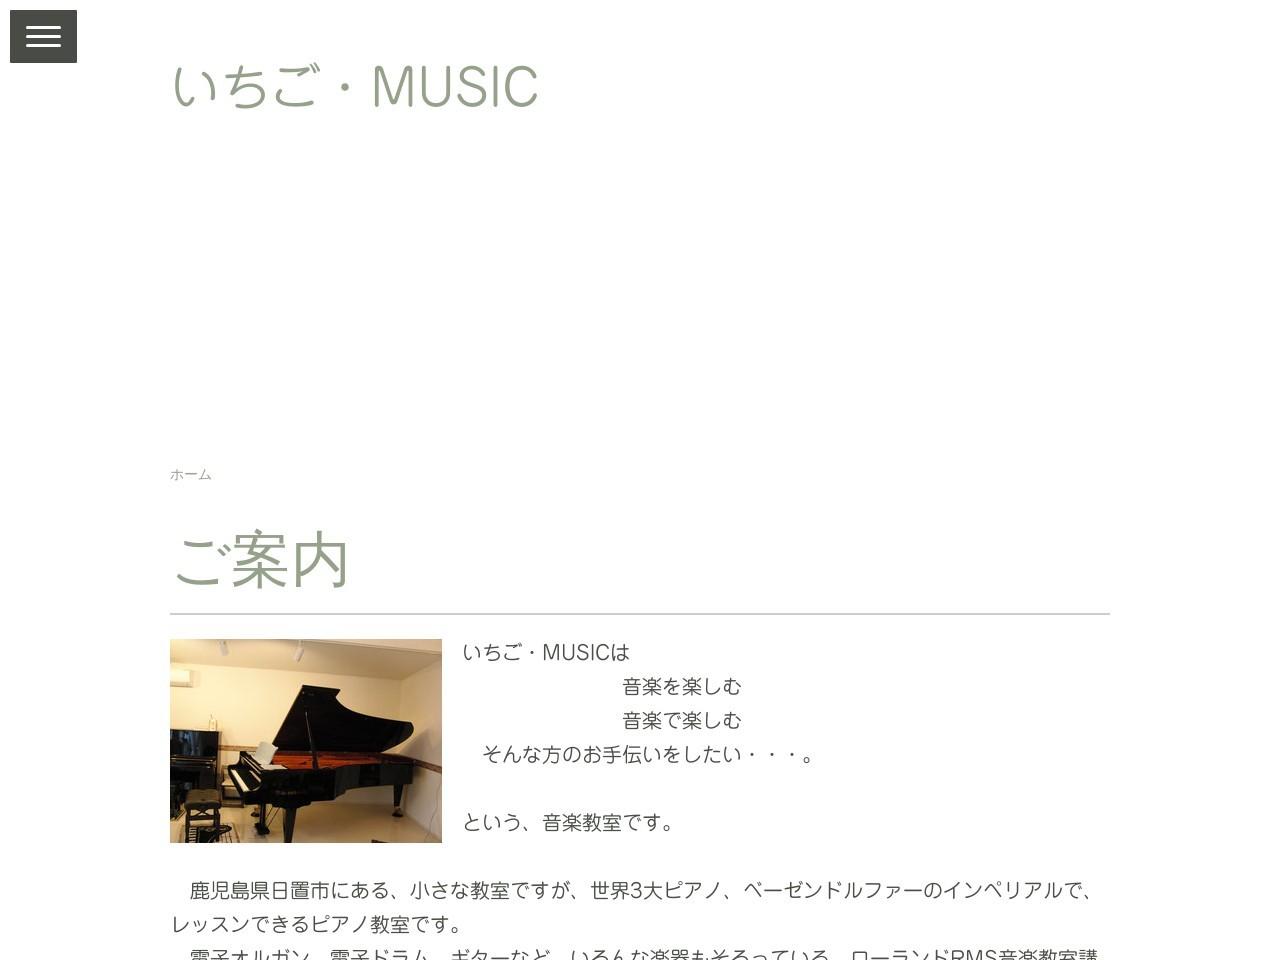 いちご・MUSICのサムネイル